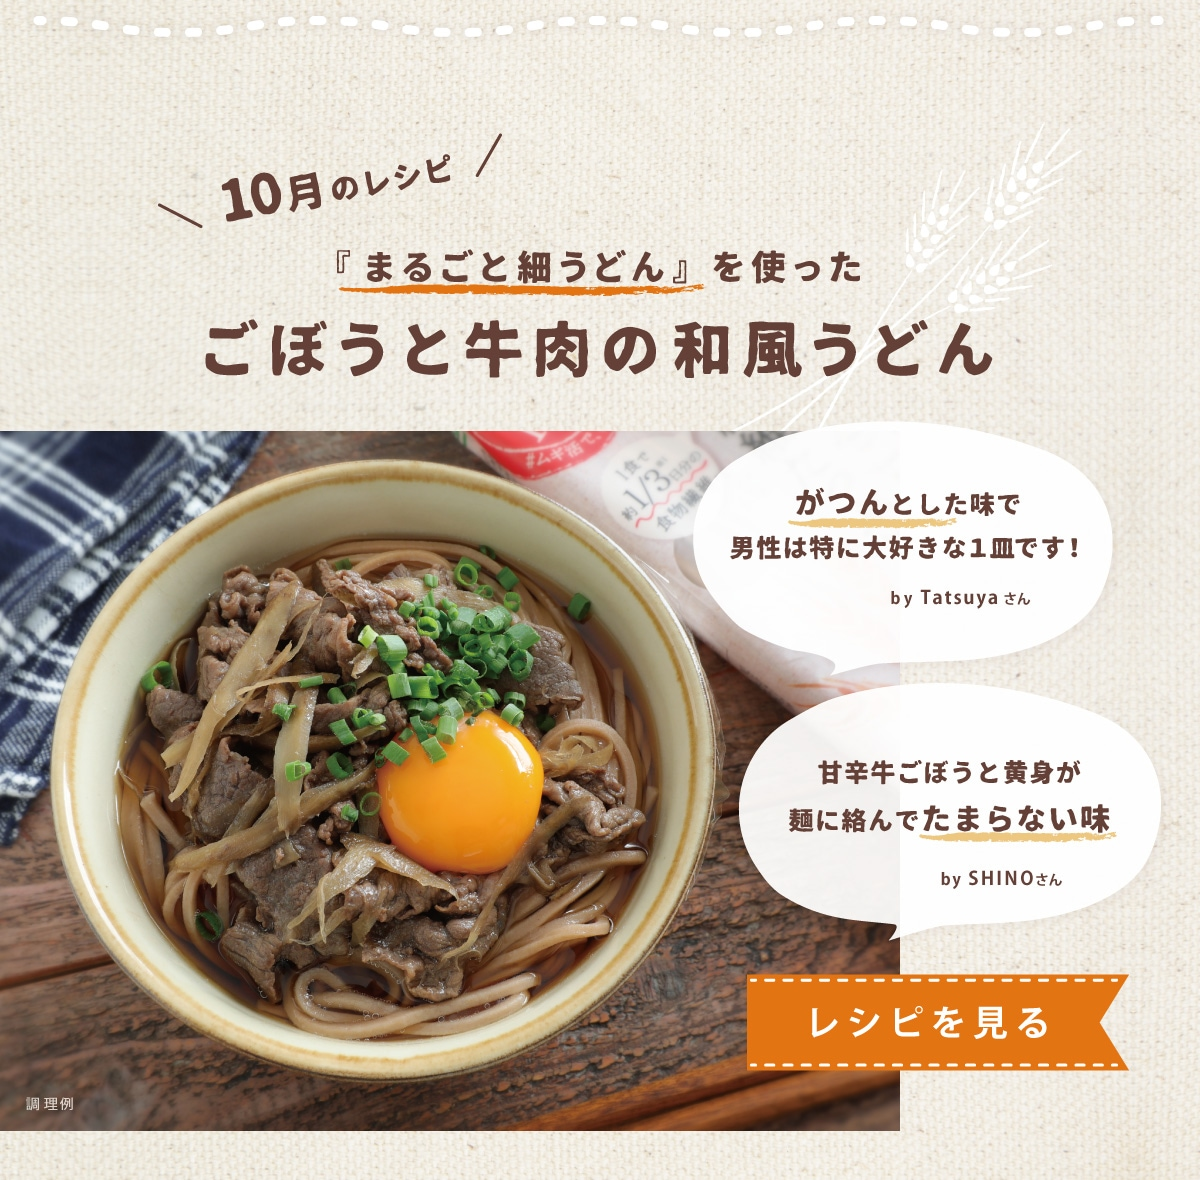 ごぼうと牛肉の和風レシピ